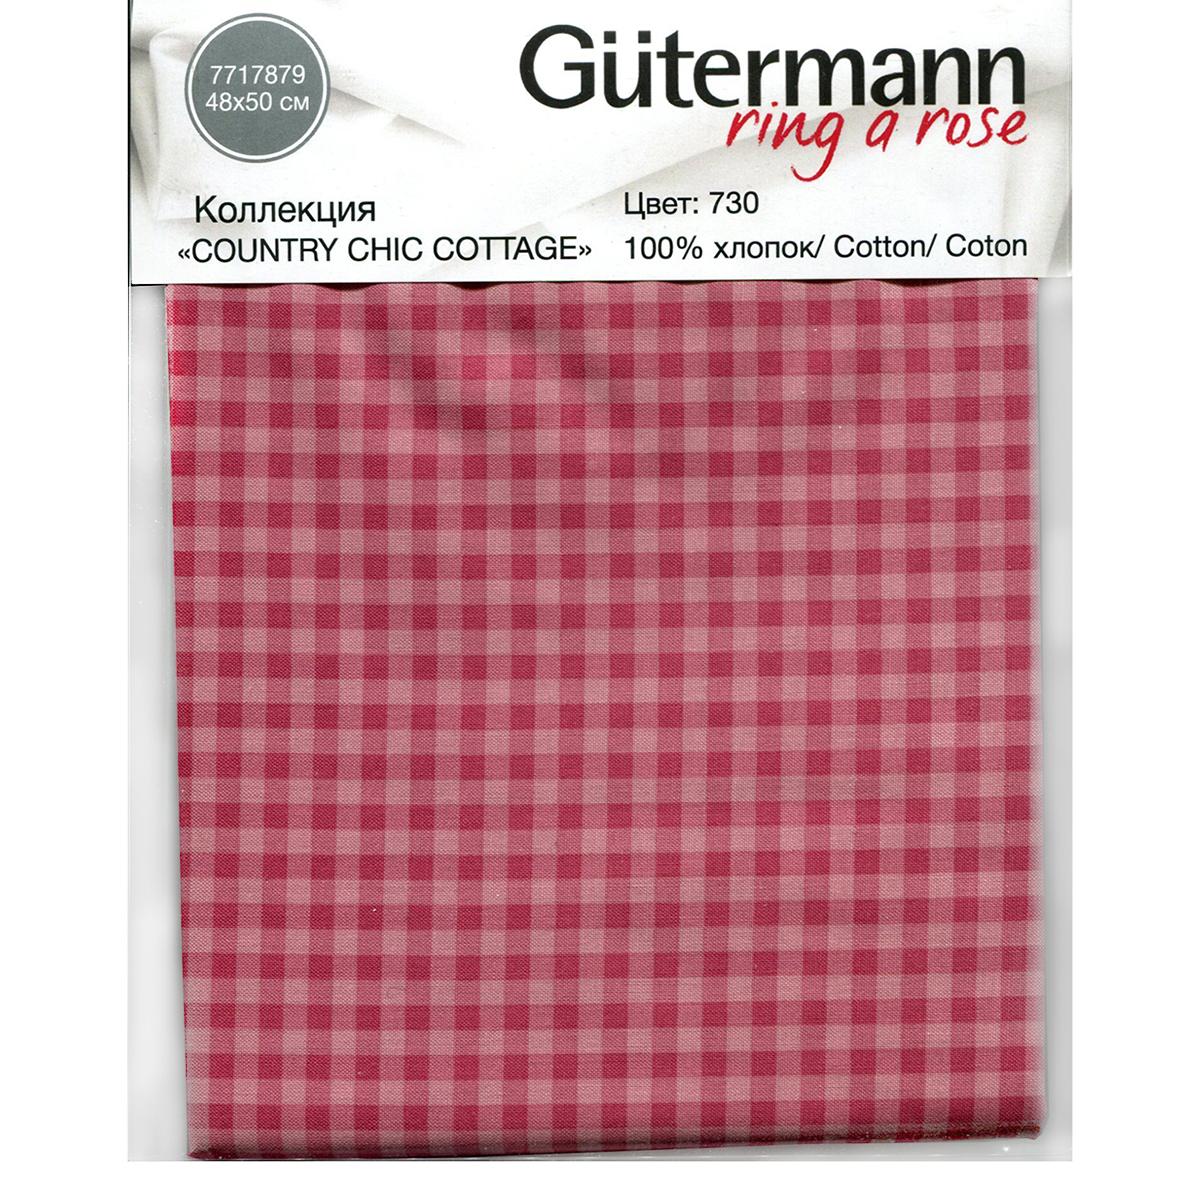 Ткань Gutermann Country Chic Cottage, 48 х 50 см. 649368_730IRK-503Ткань Gutermann, изготовленная из 100% натурального хлопка, идеально подойдет для шитья одежды, постельного белья, декорирования. Ткань не линяет, не осыпается по краям и не дает усадки.